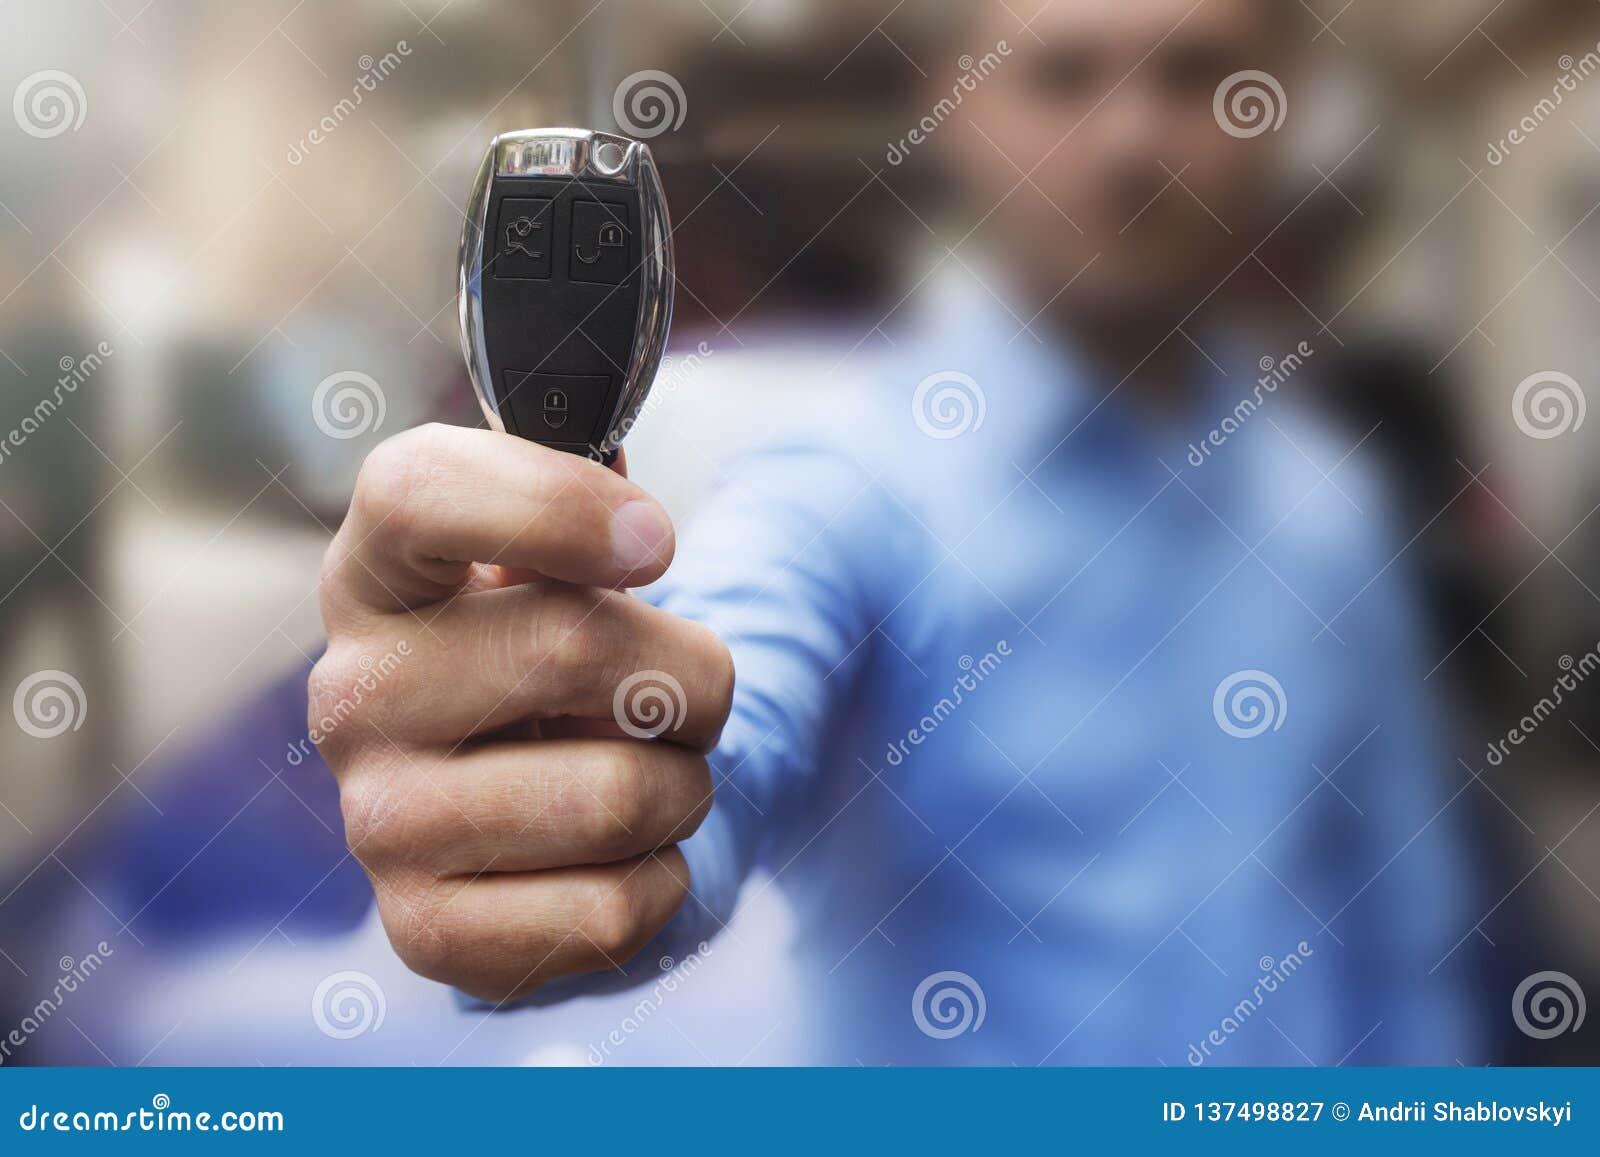 Cl?s de voiture La main de l homme présente les clés